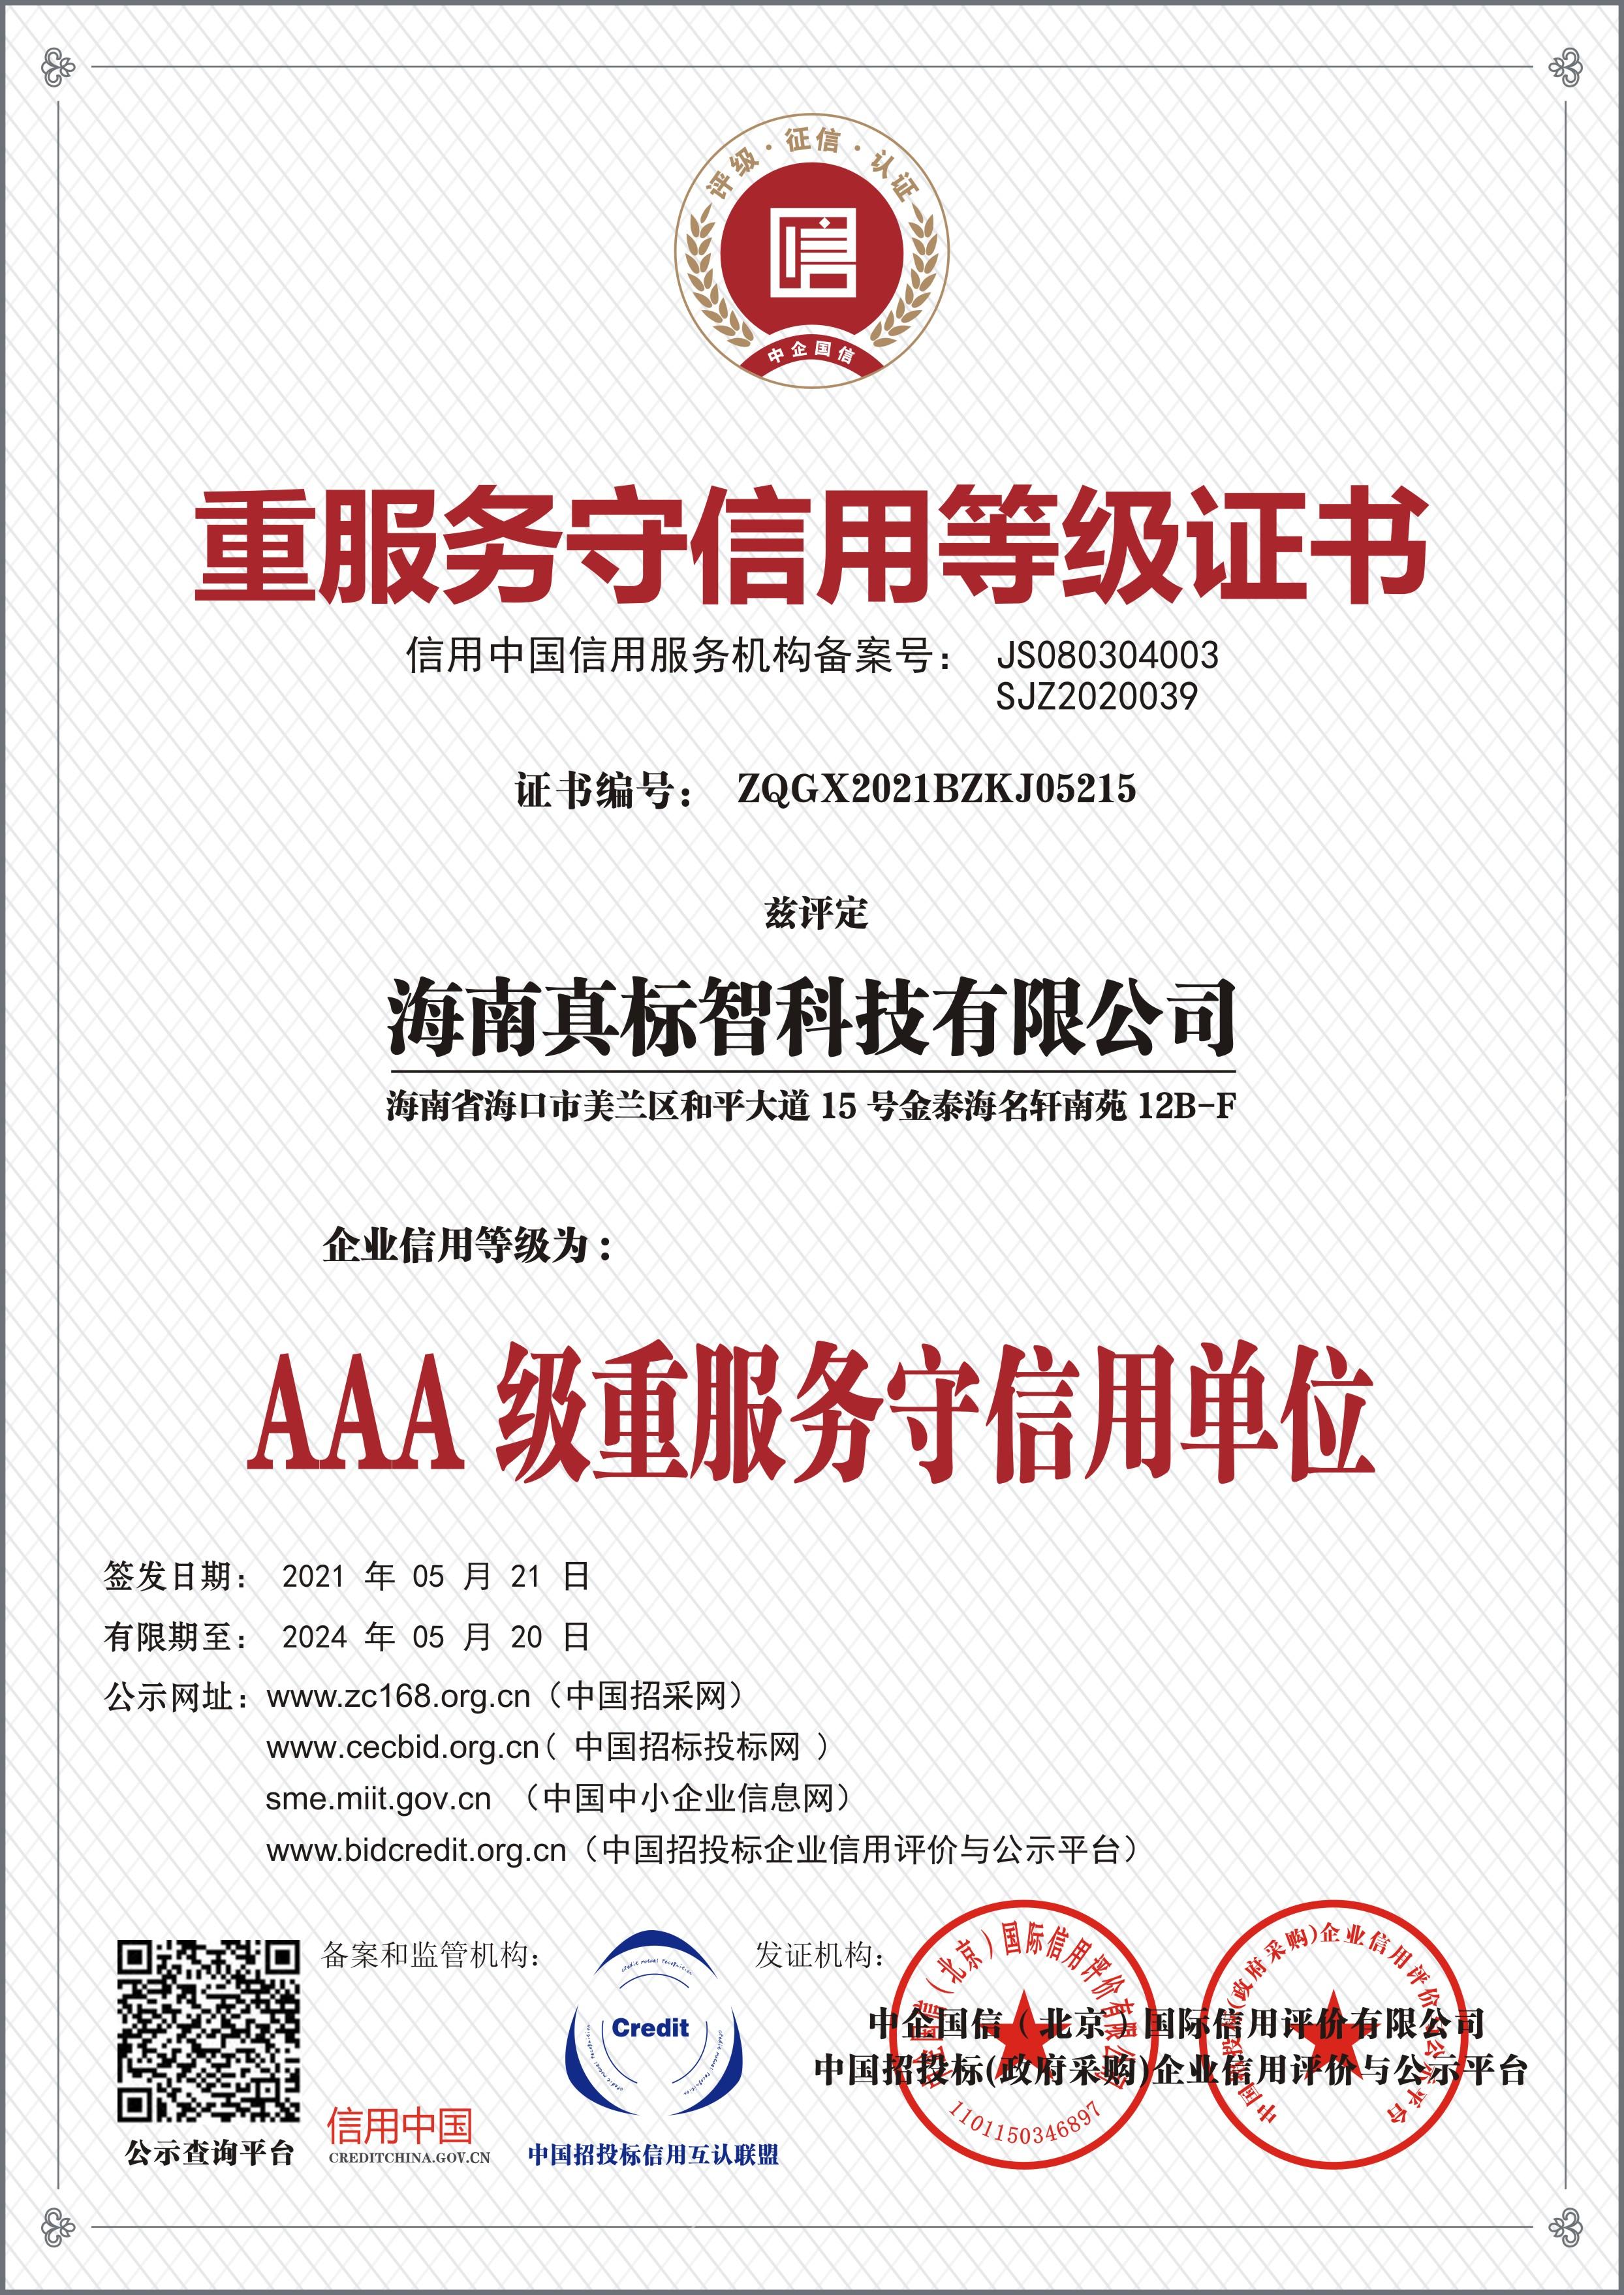 AAA重服務守信用等級證書.jpg